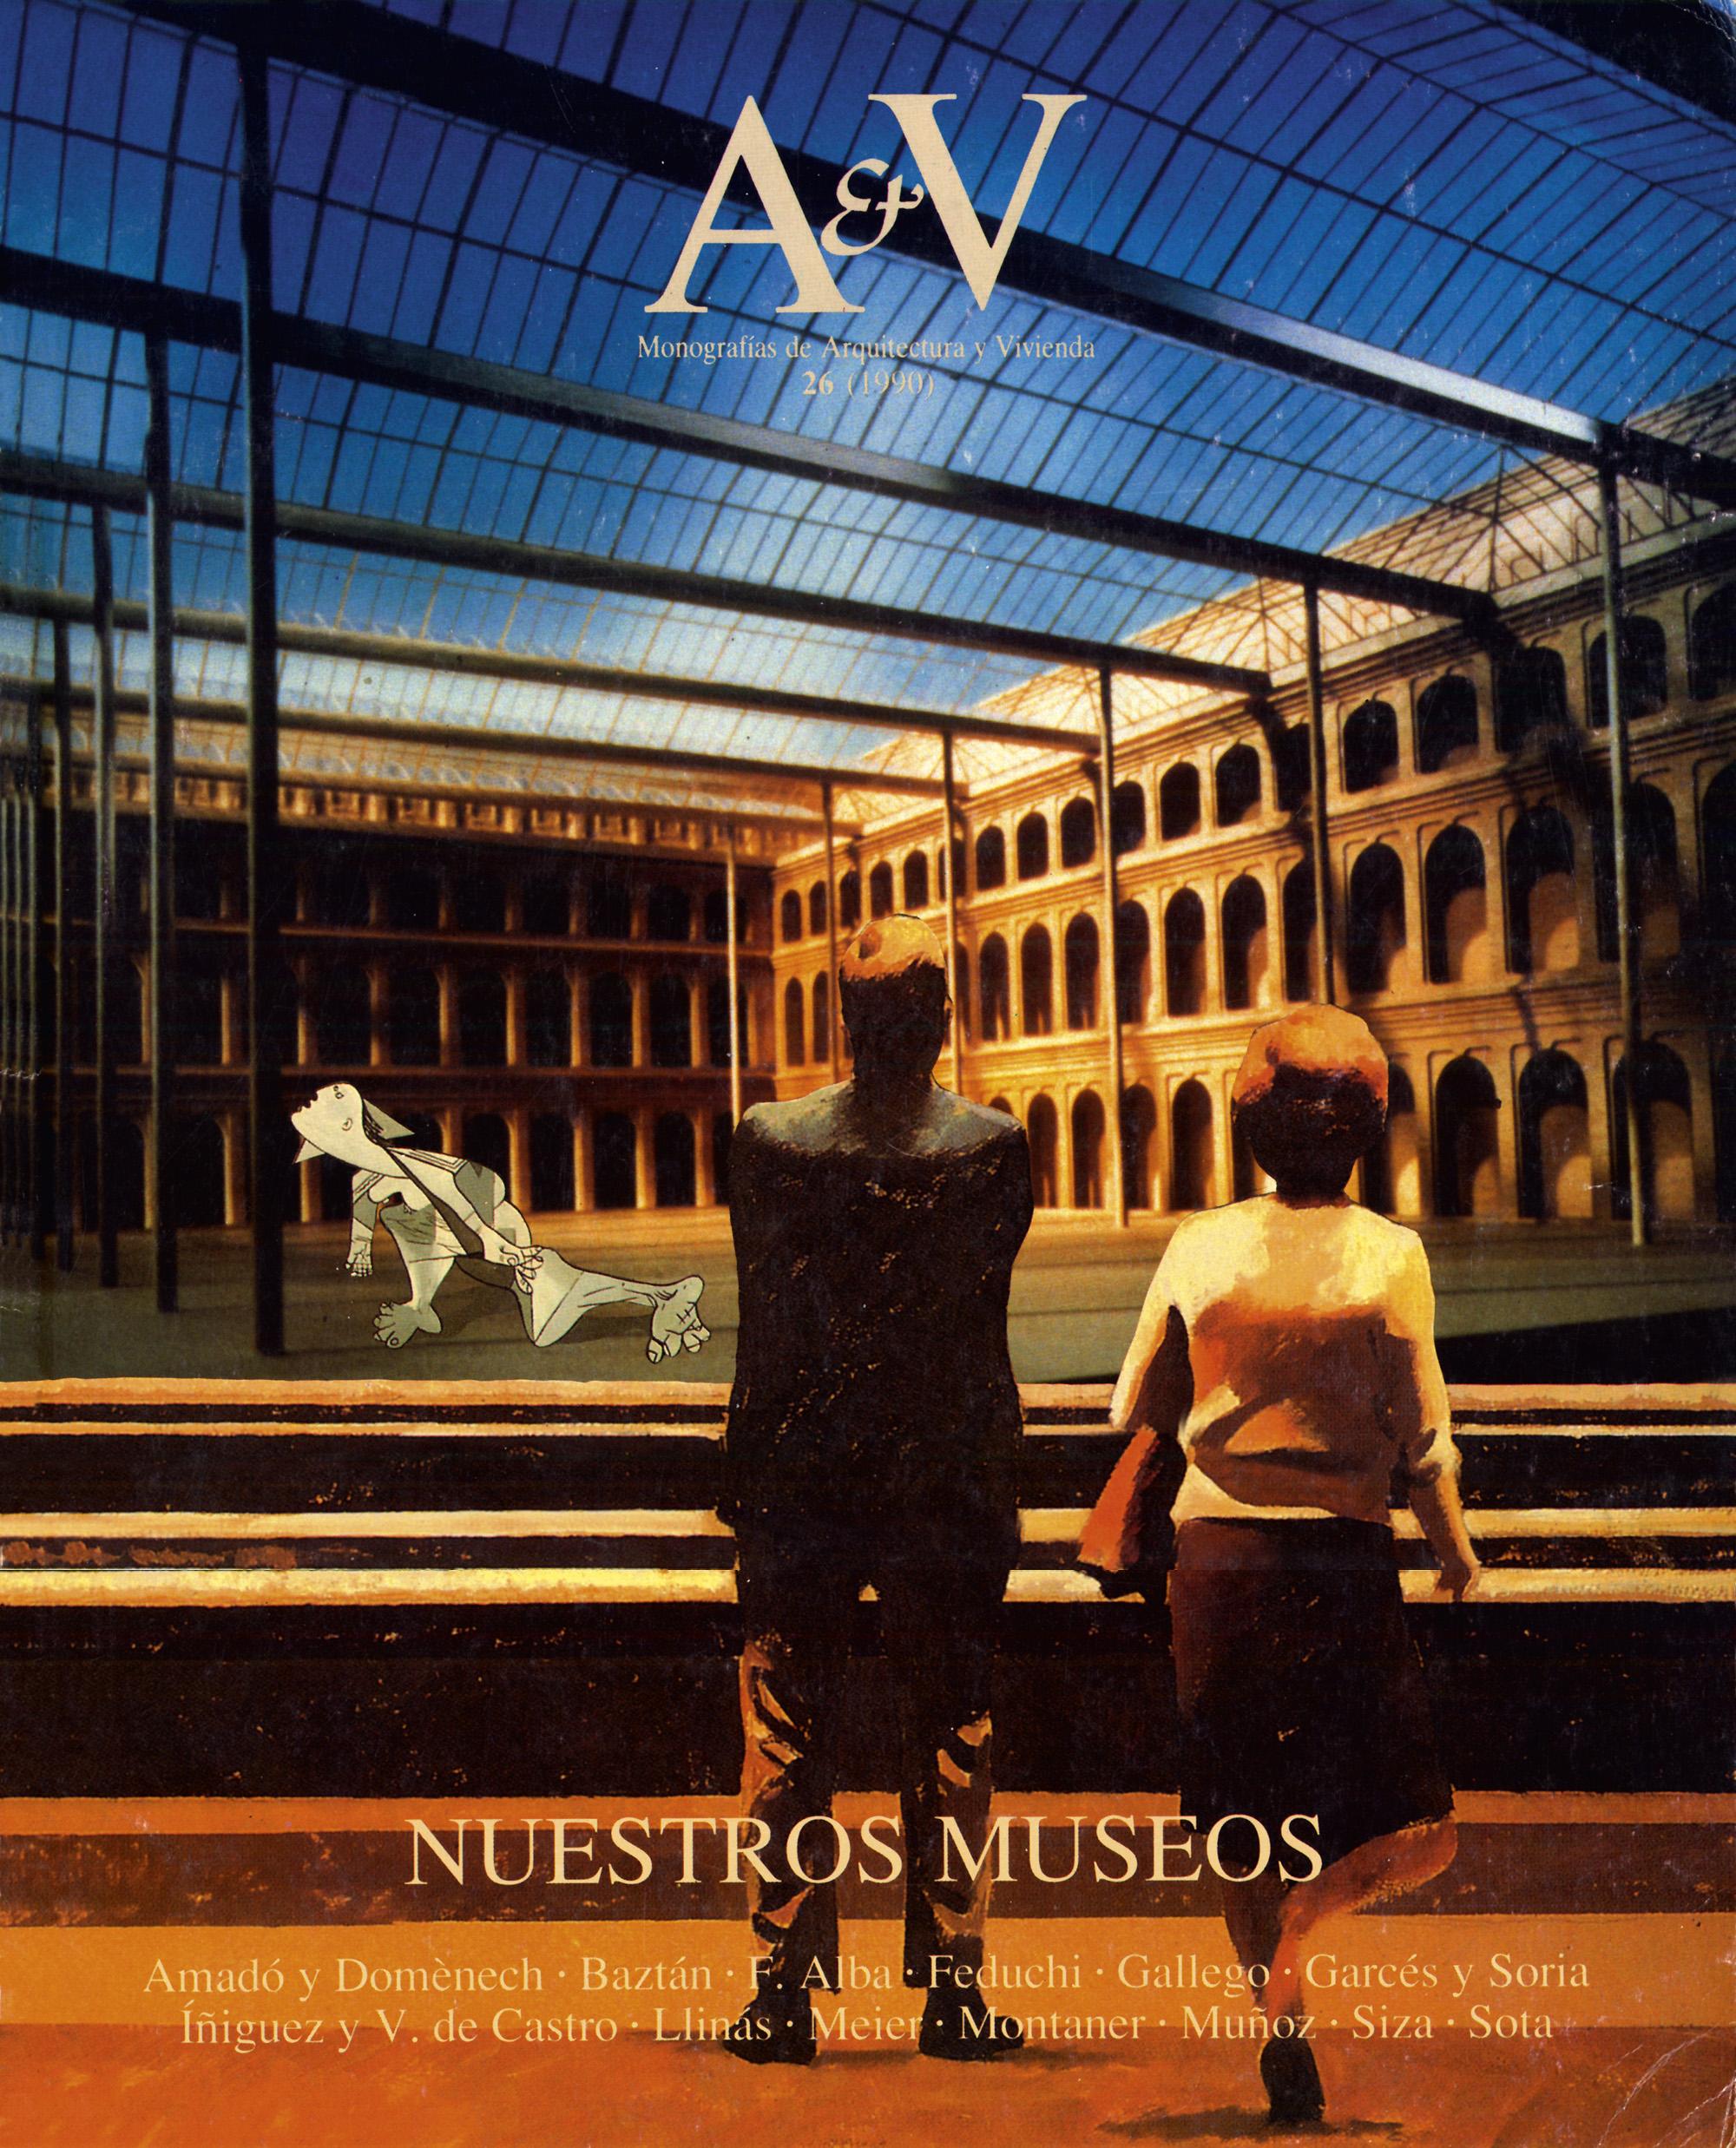 Nuestros museos